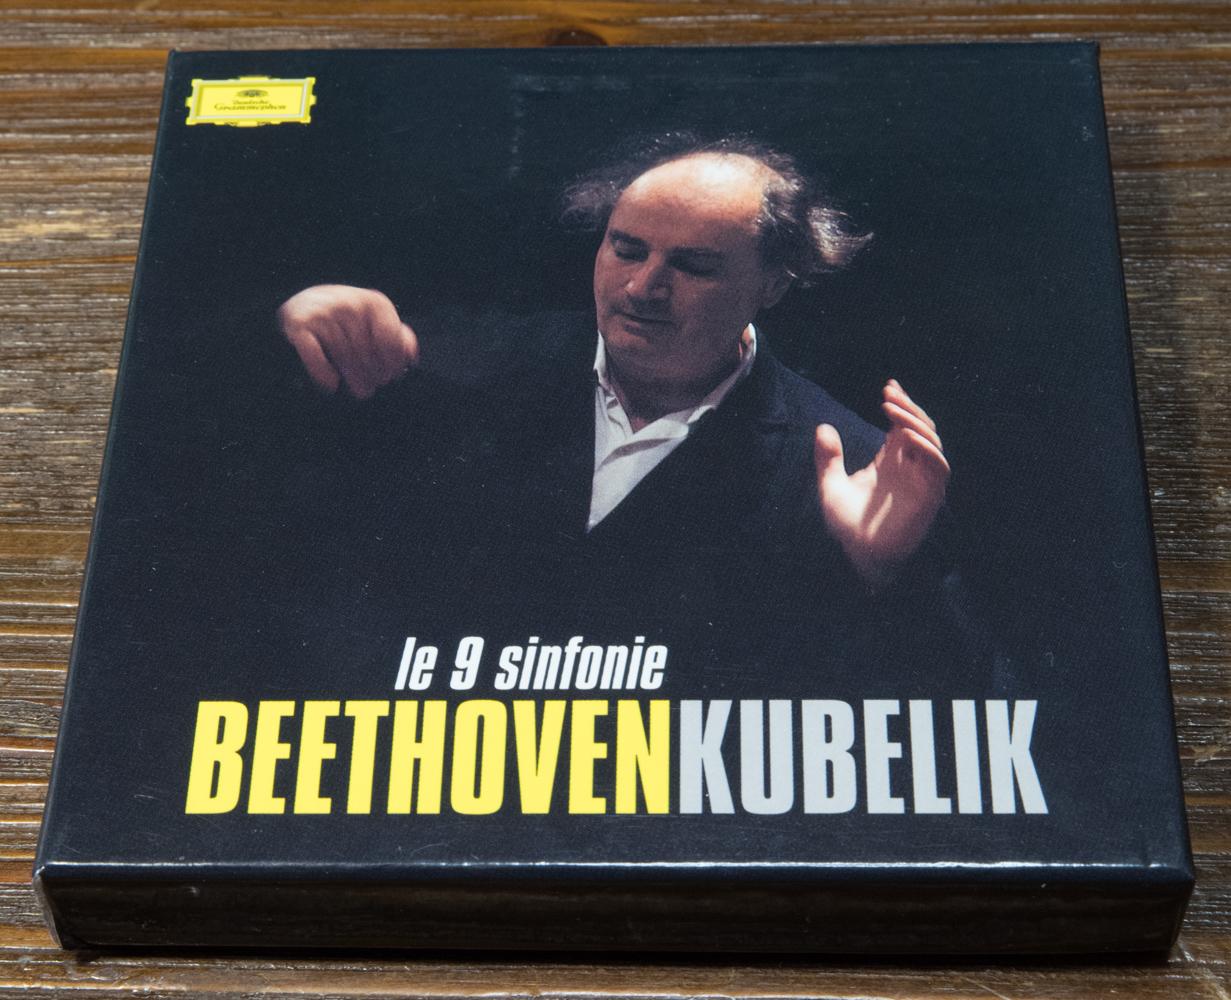 ラファエル・クーベリックのベートーヴェン交響曲全集